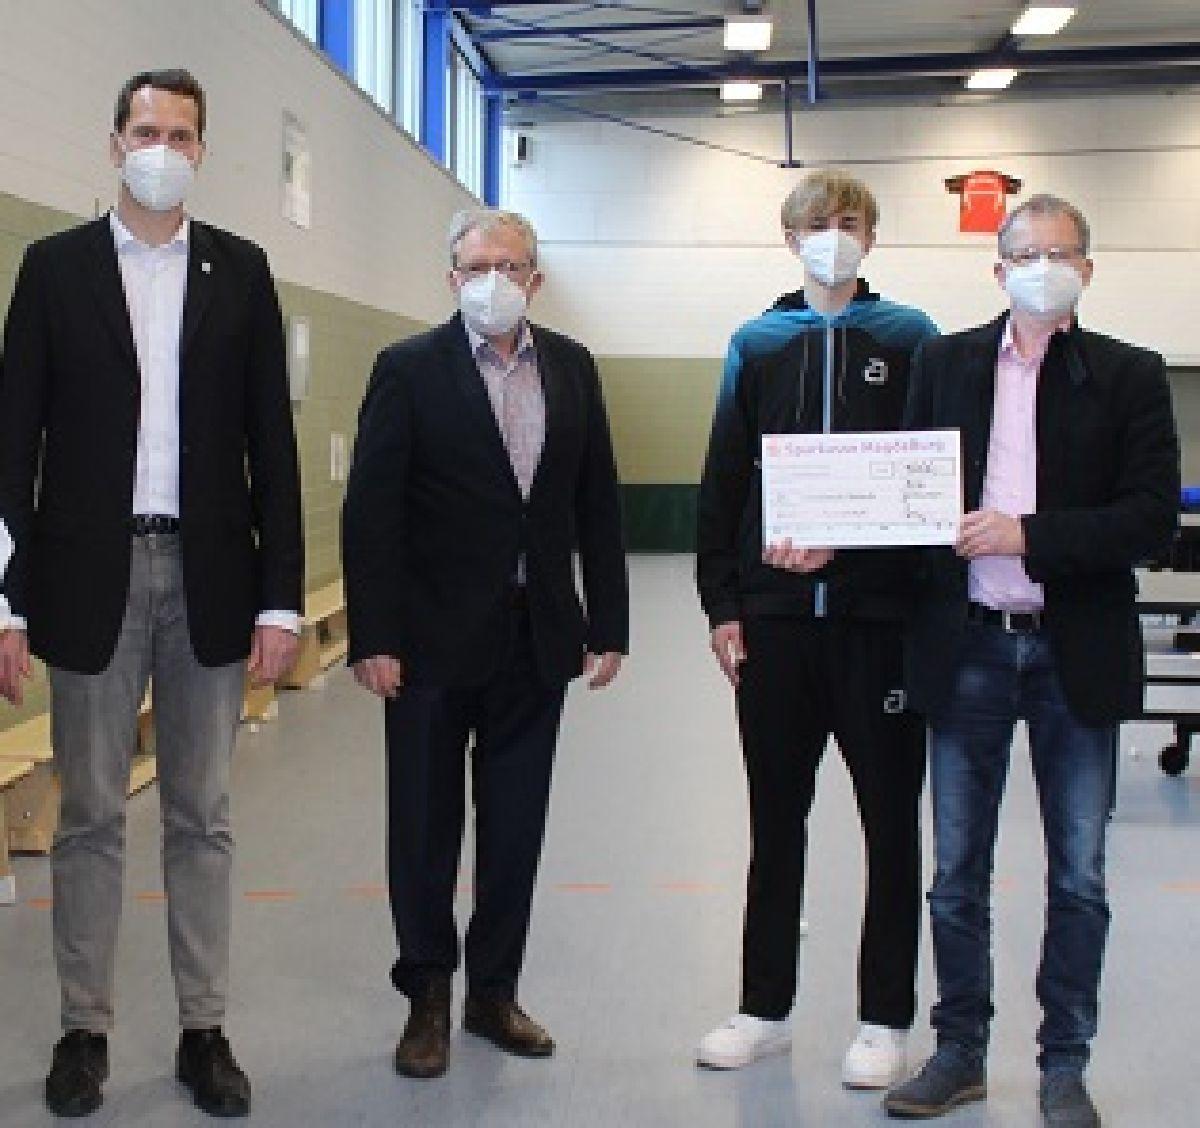 Unterstützung für den Nachwuchs durch die Sparkasse MagdeBurg und Landrat Steffen Burchhardt